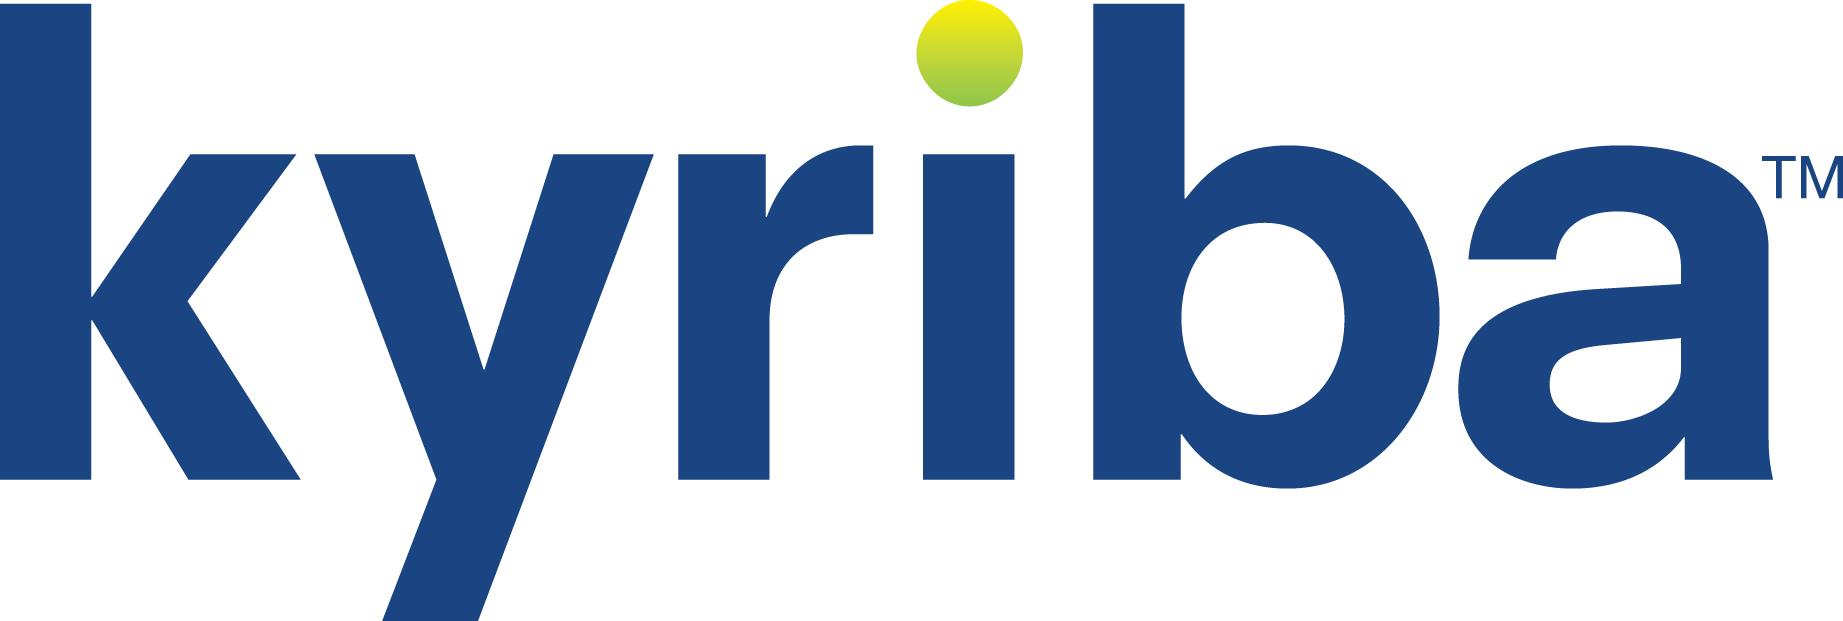 Eastman Kodak Company Selects Kyriba Treasury Solutions